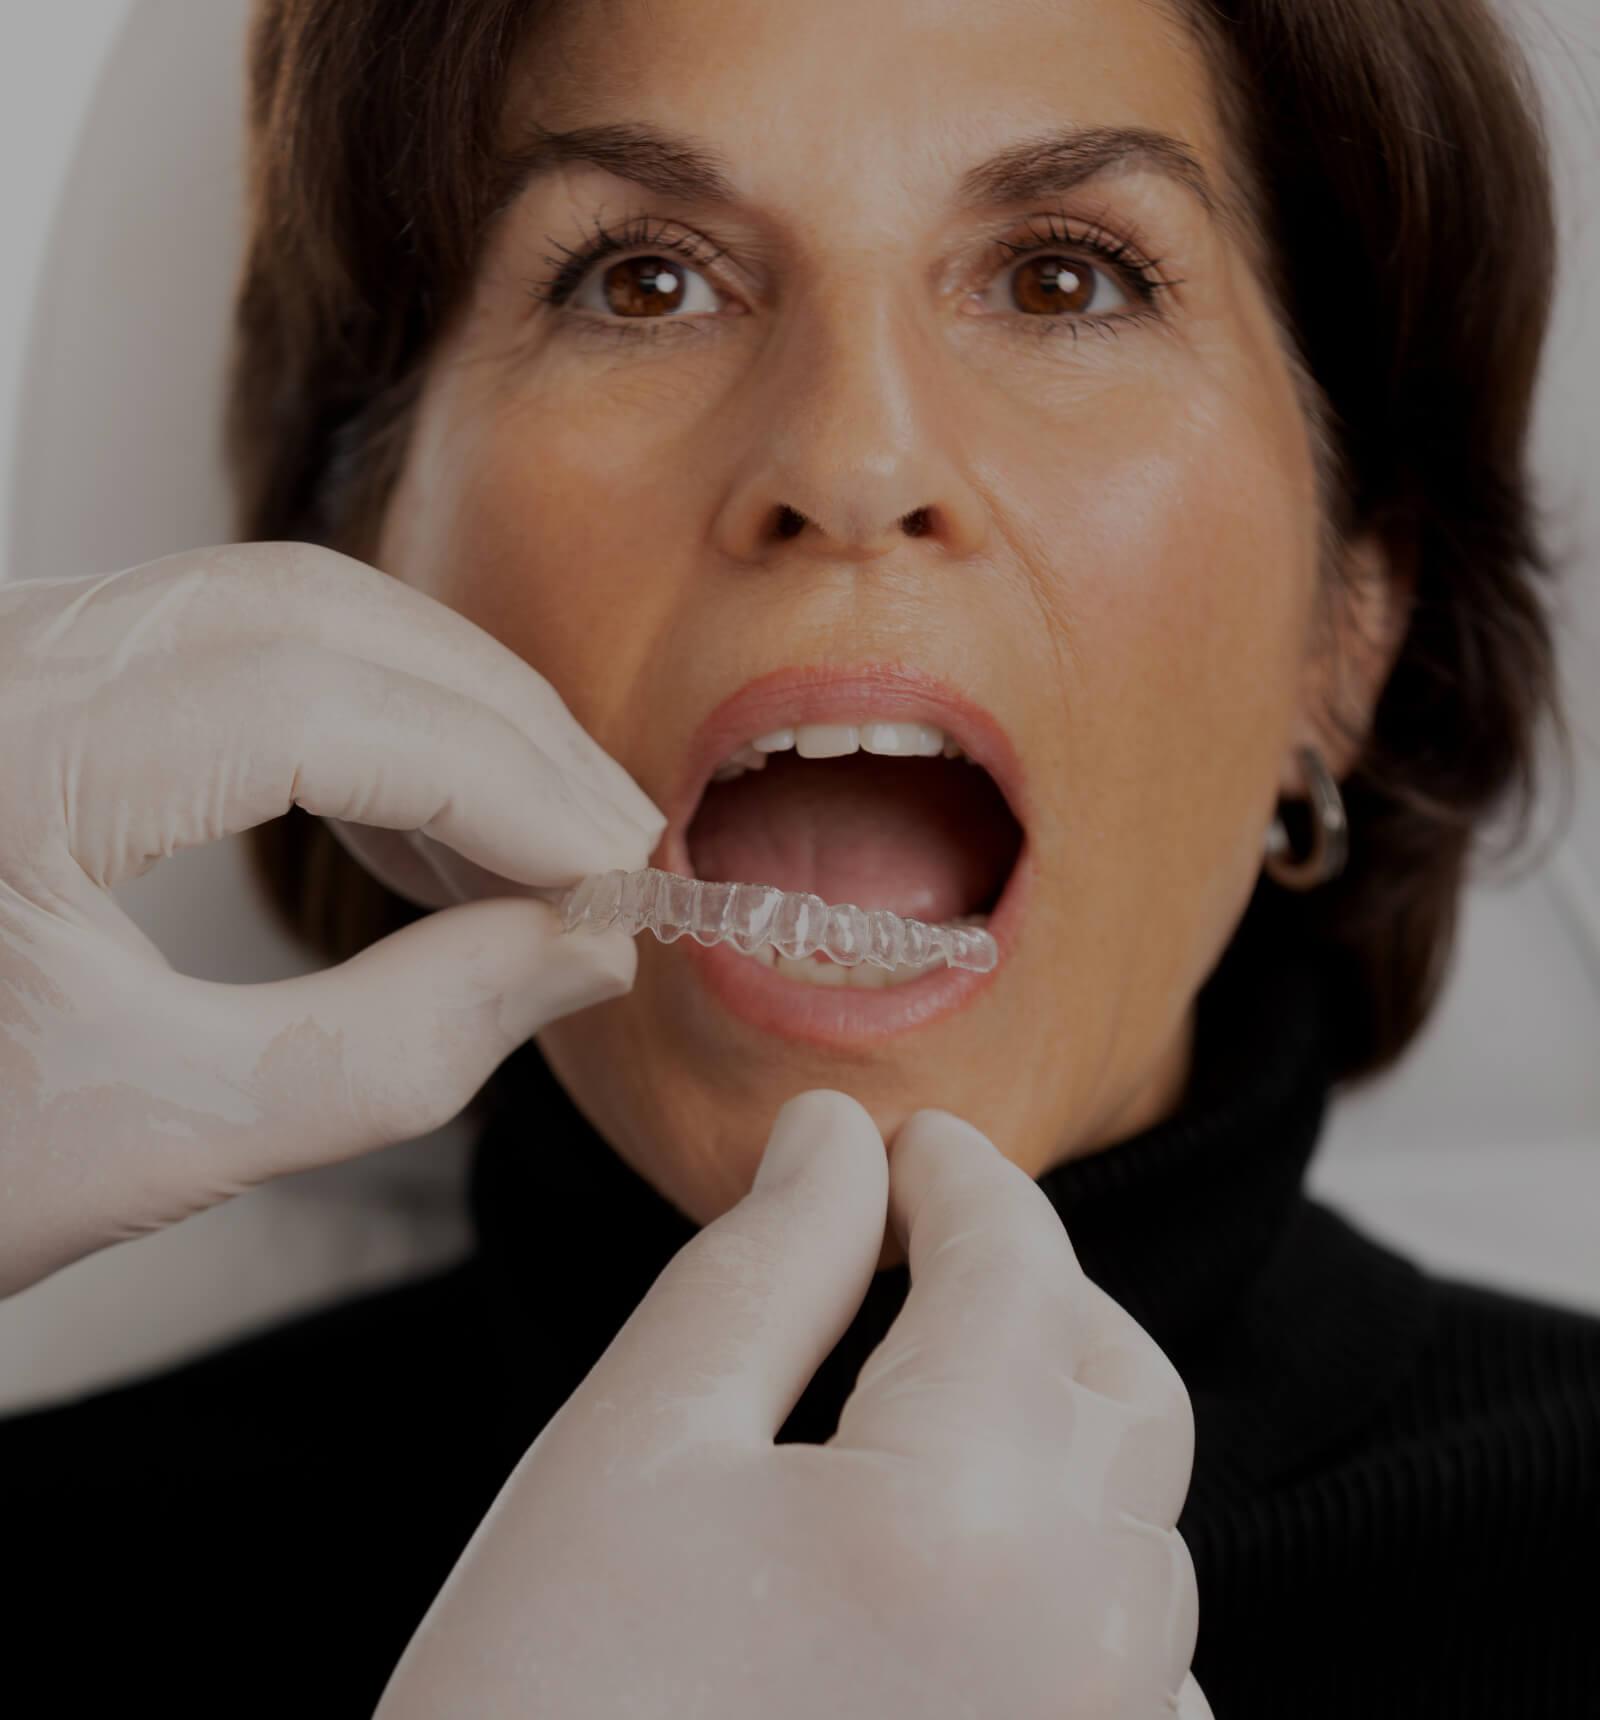 Le dentiste de la Clinique Chloé installant un aligneur transparent Invisalign dans la bouche d'une patiente